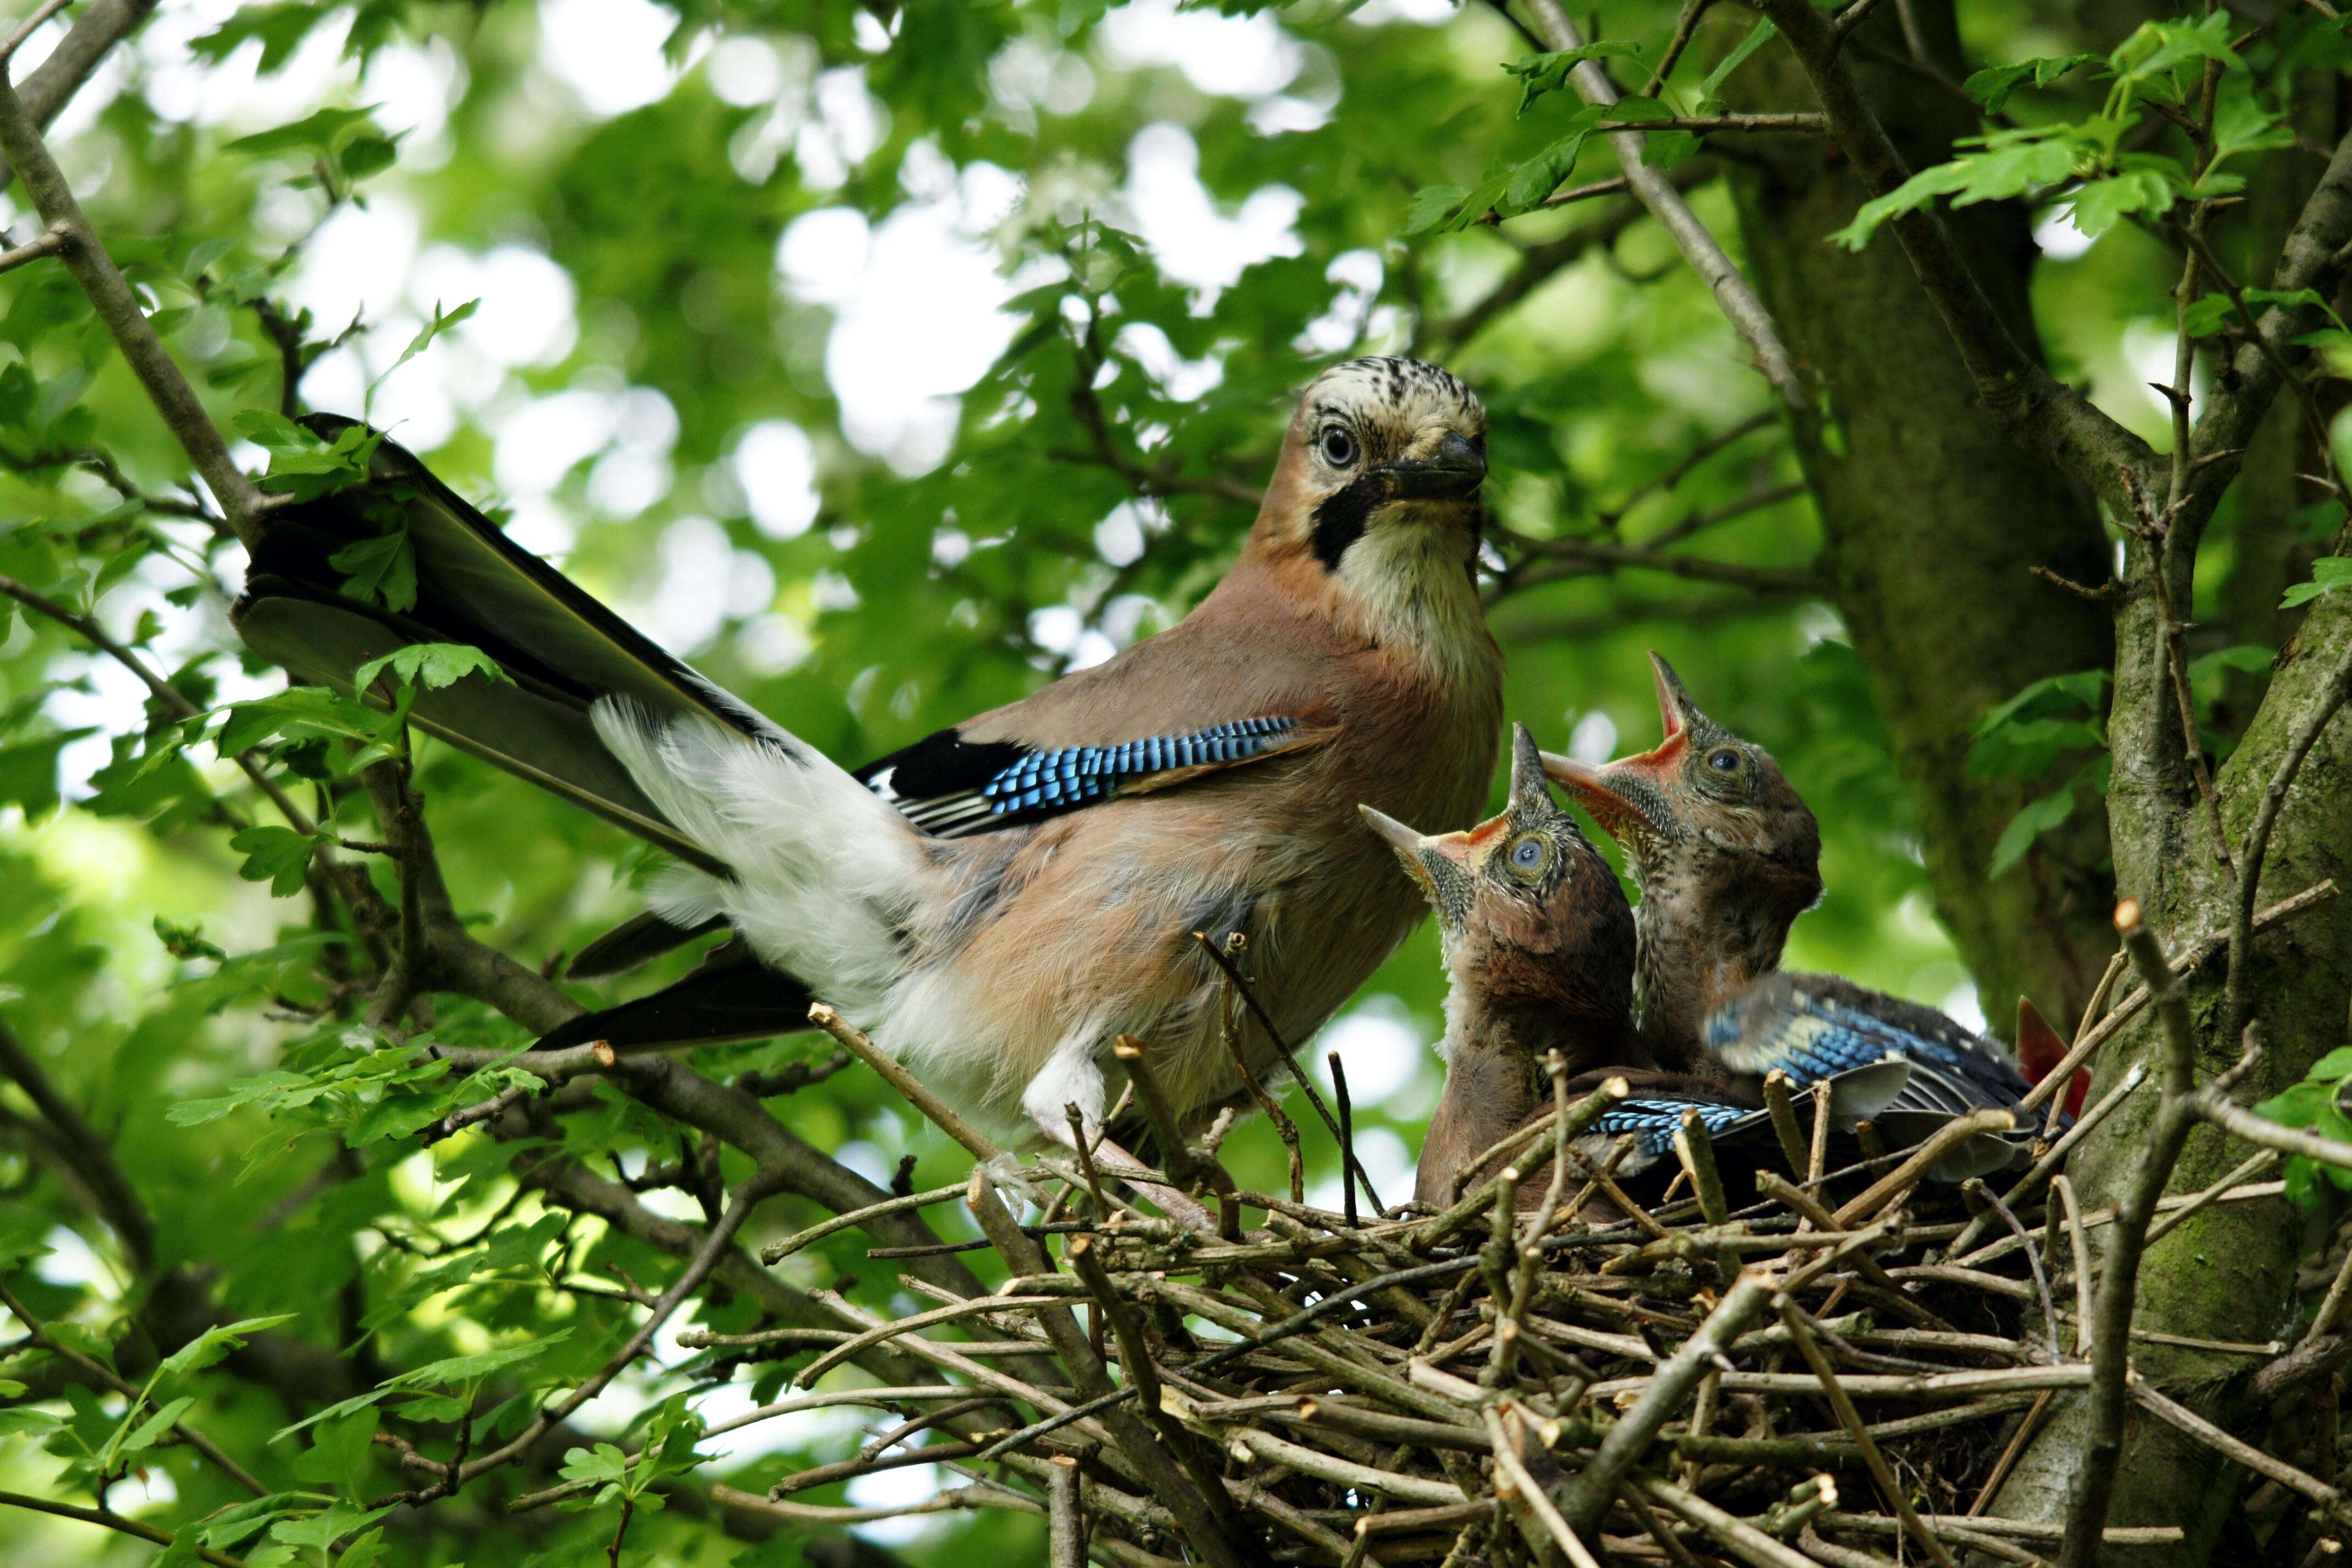 дерево на котором живут птицы картинки